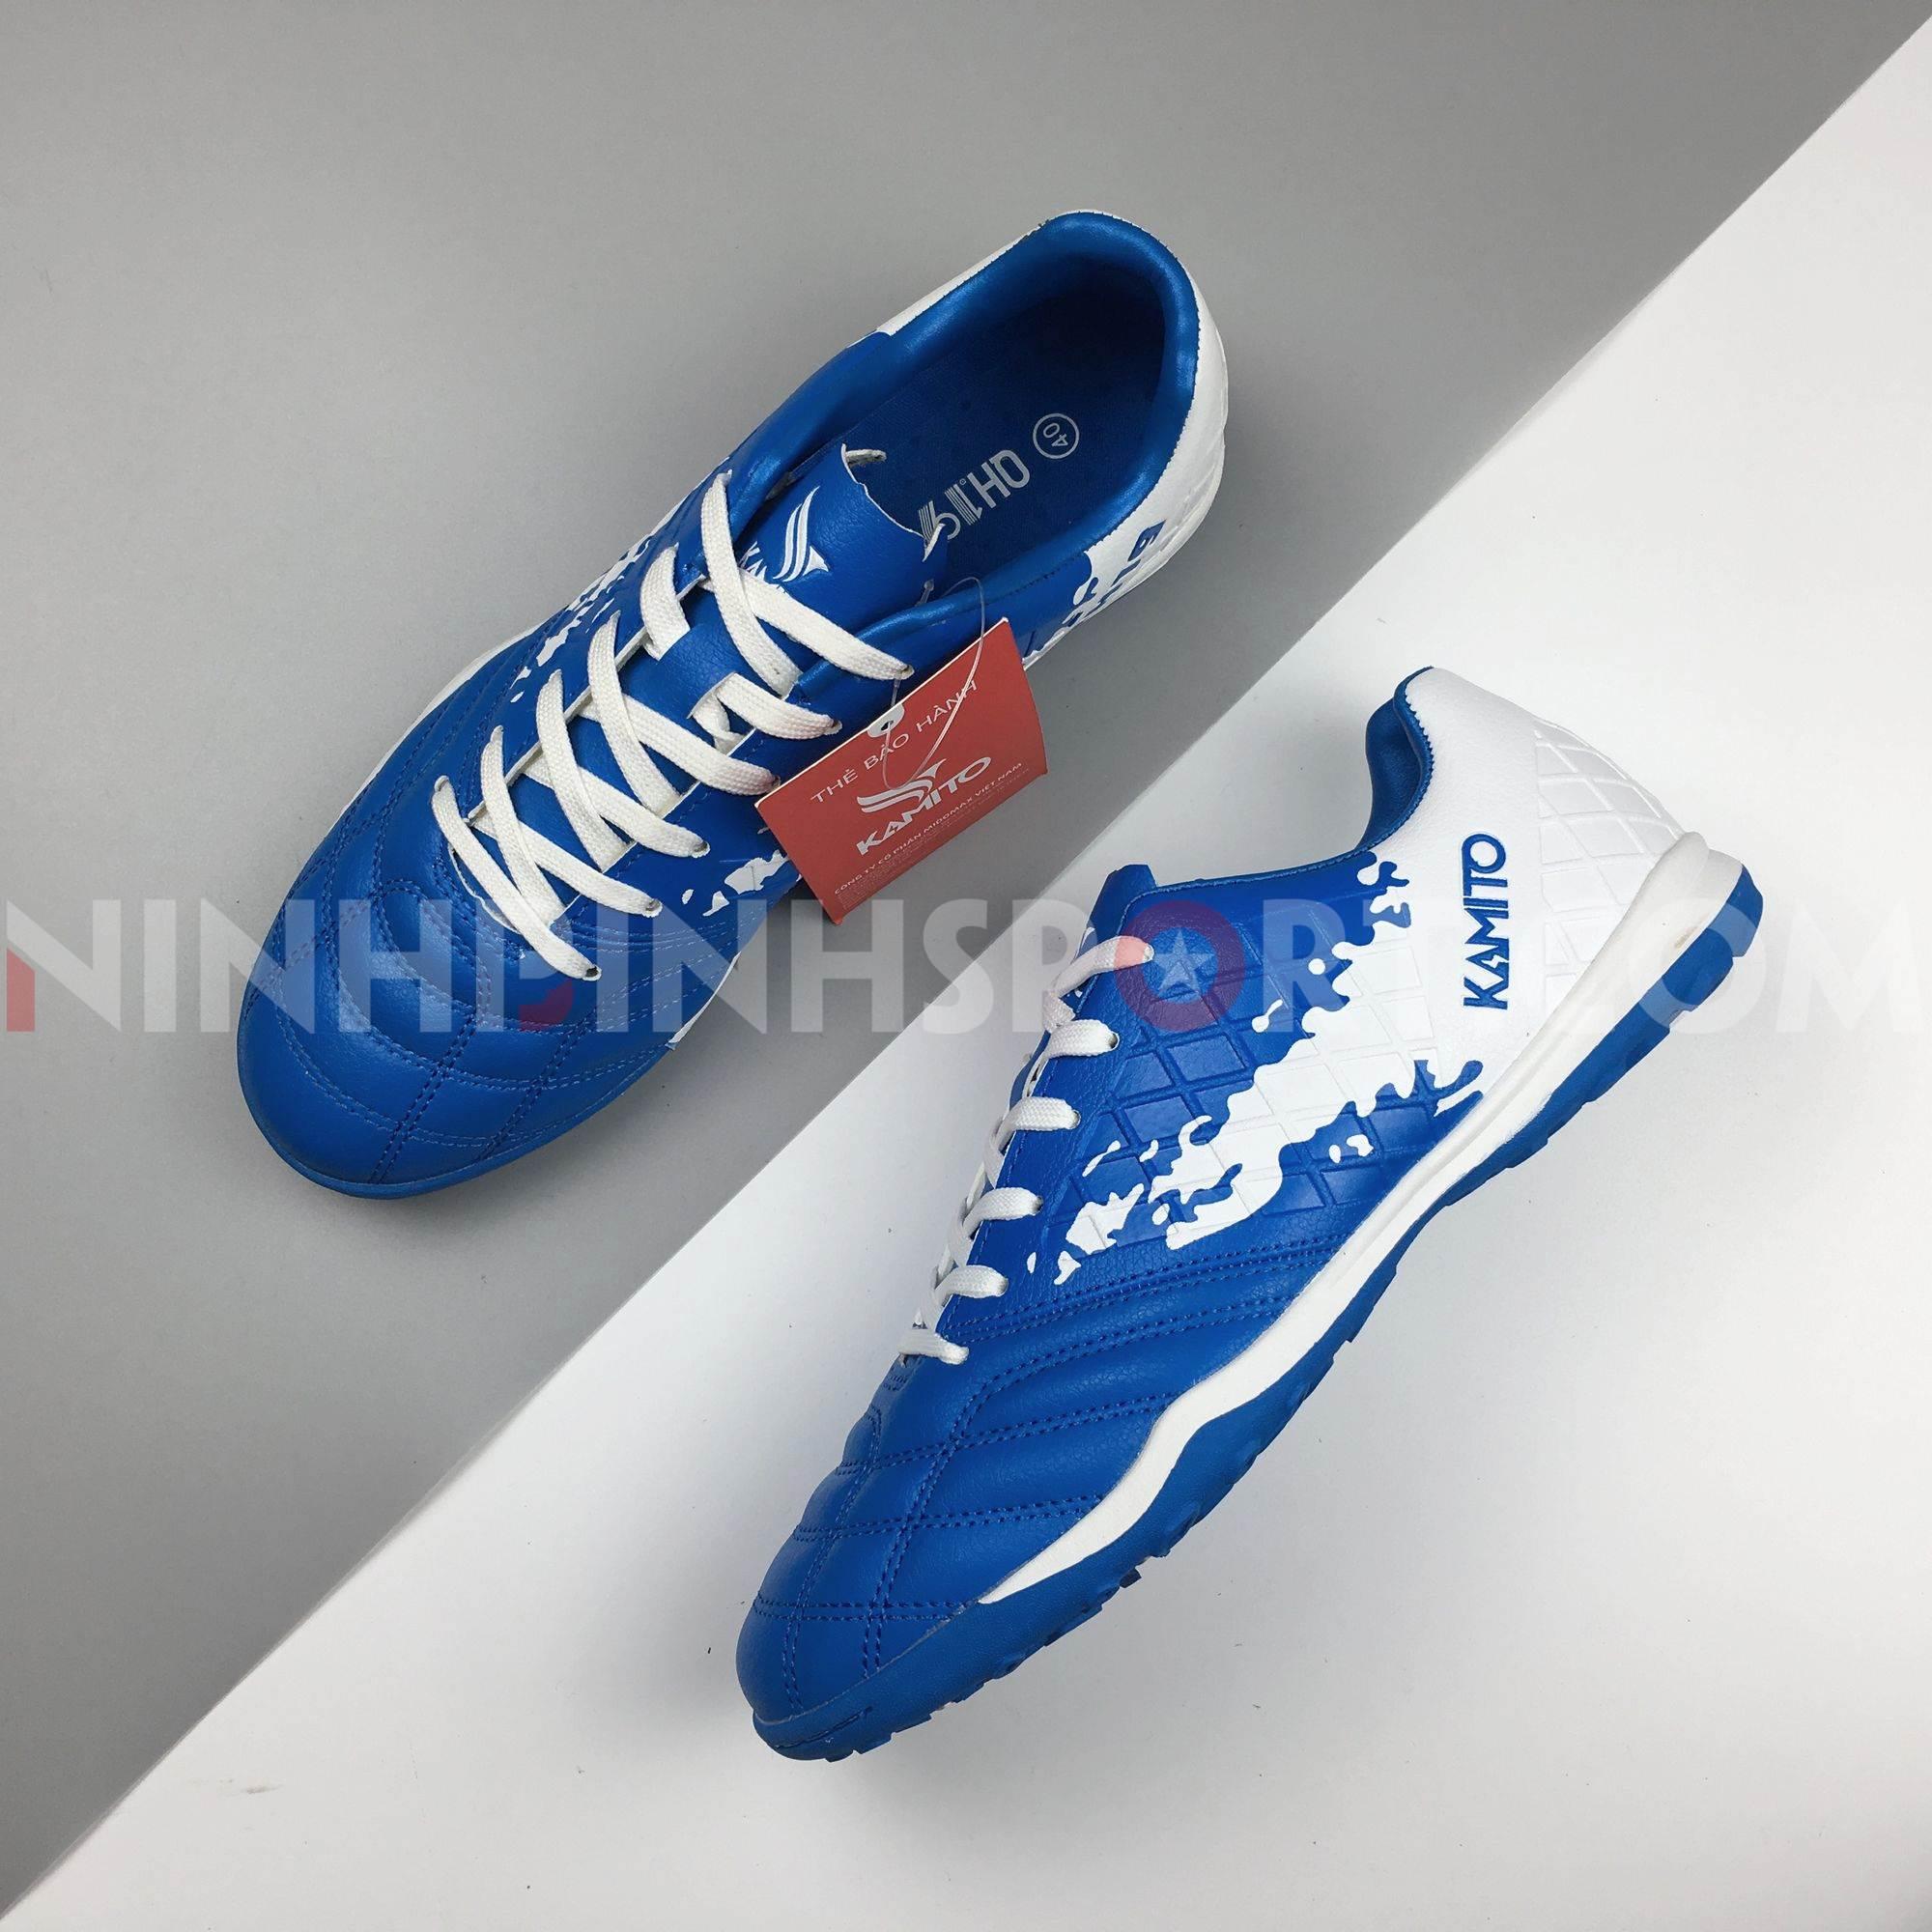 Giày bóng đá nam Kamito QH19 Premium Pack F19602